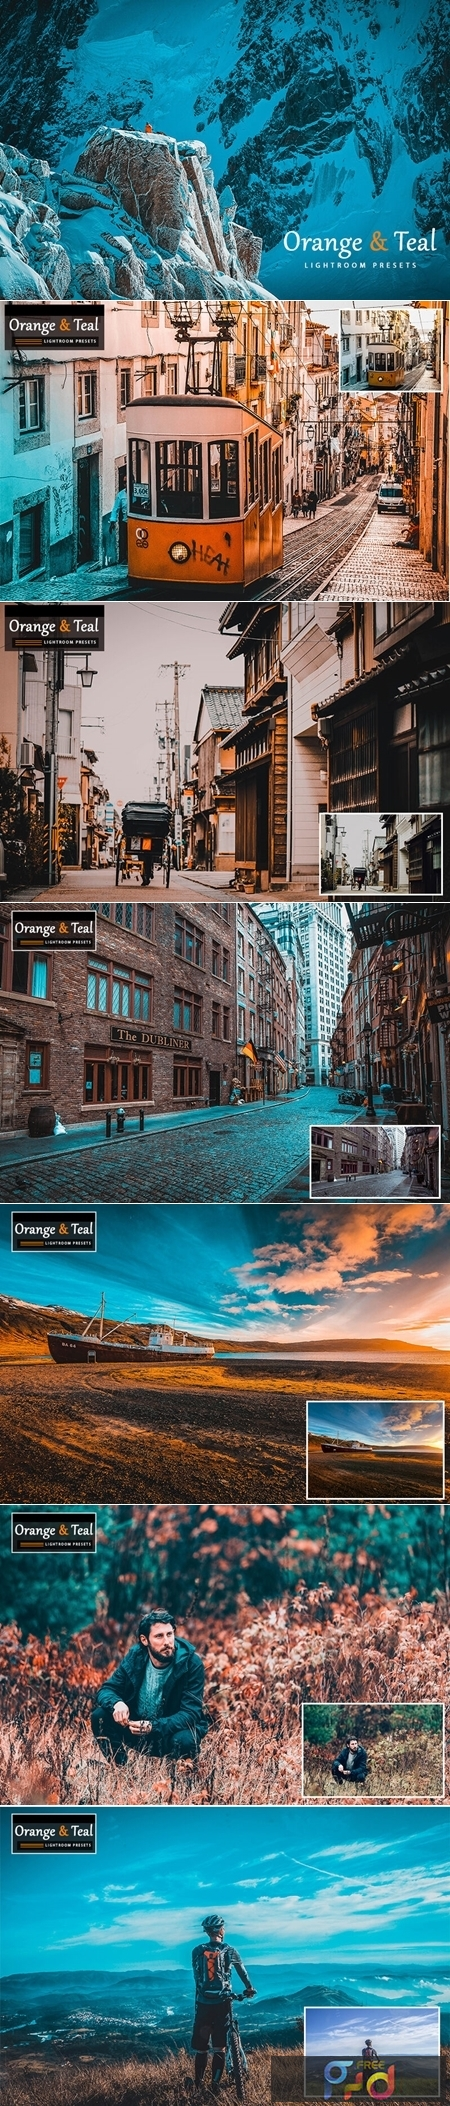 Orange & Teal Lightroom Presets 1